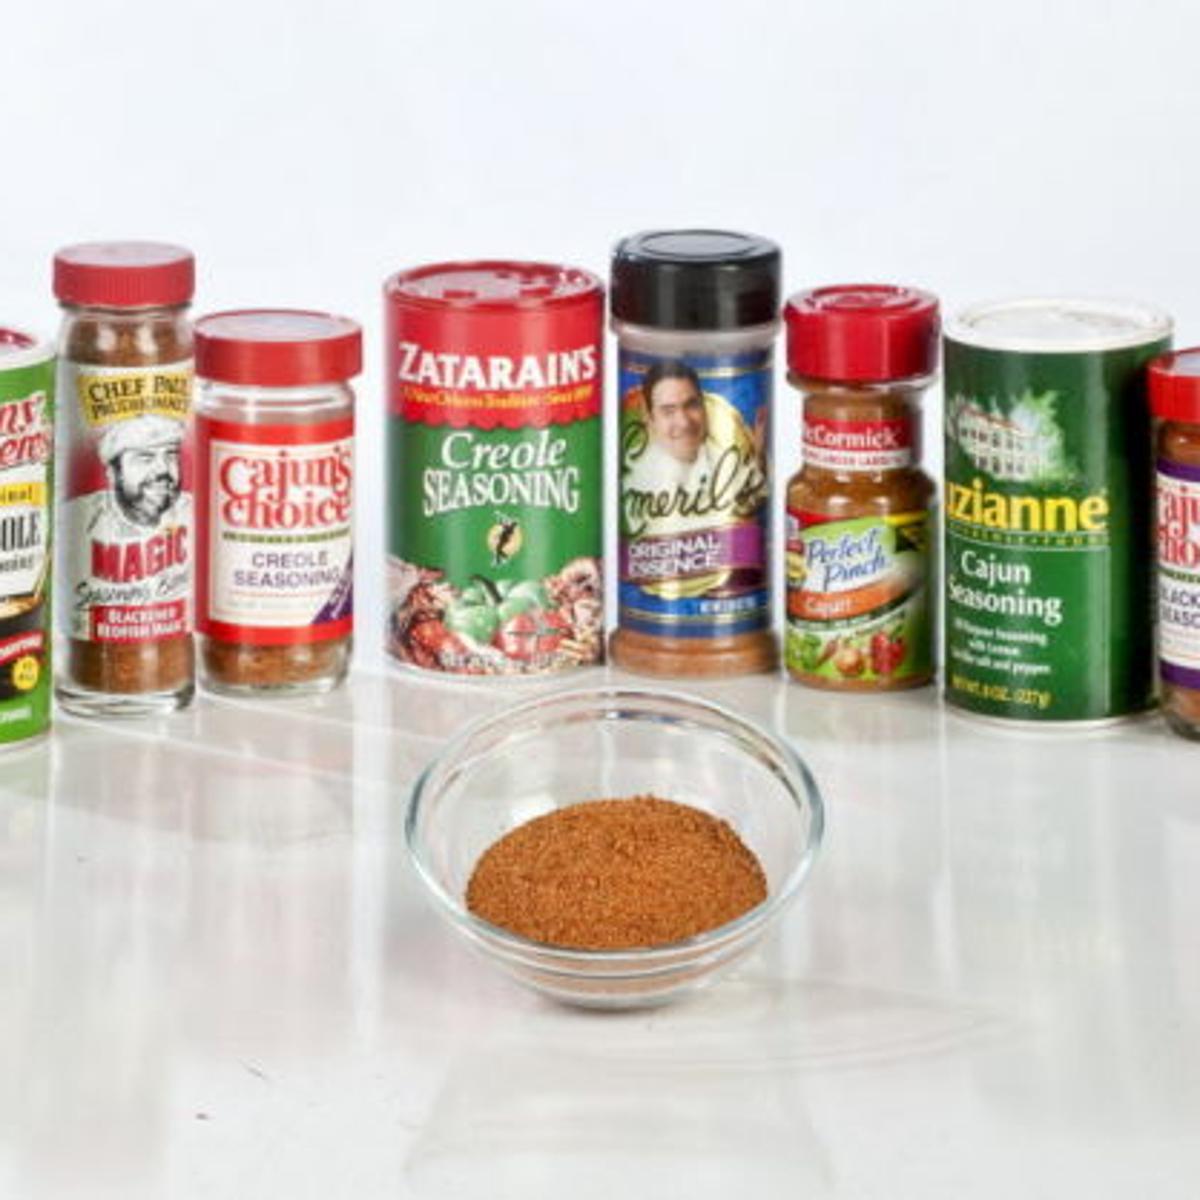 Taste testing store-bought Creole seasonings | Food